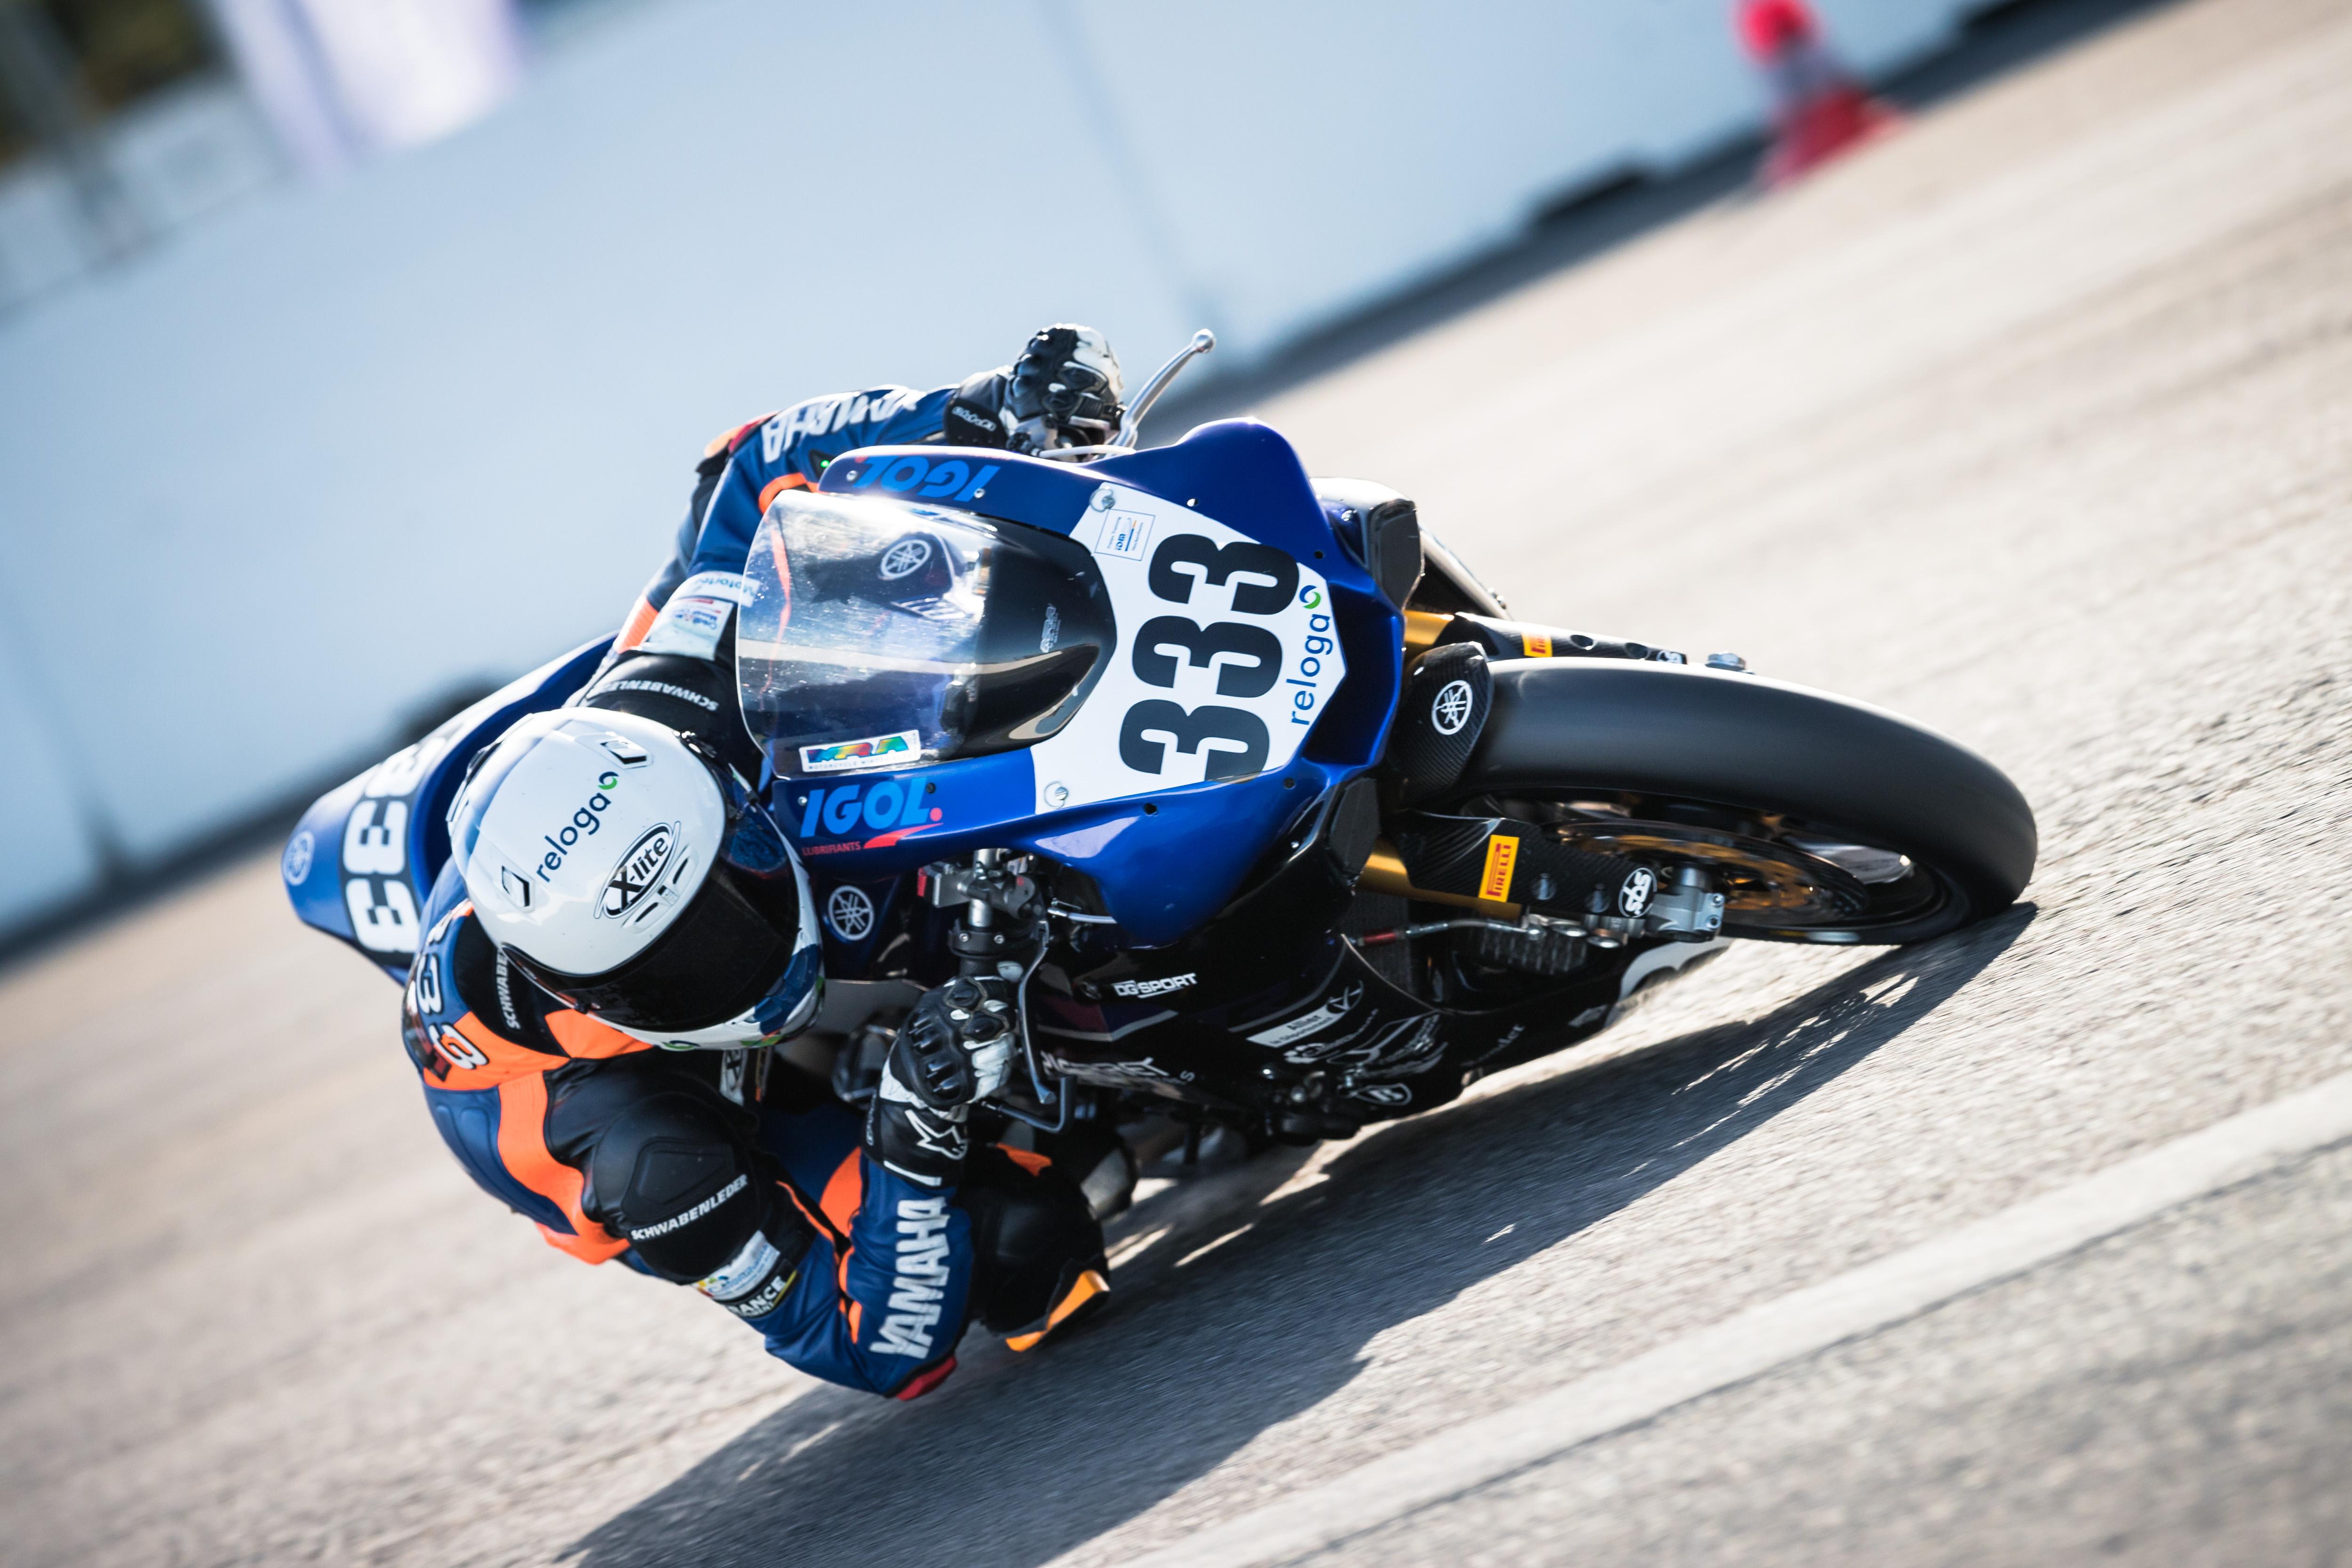 IDM Superbike 1000: BMW-Titelkonkurrenten liegen nur 0,277 Sekunden auseinander